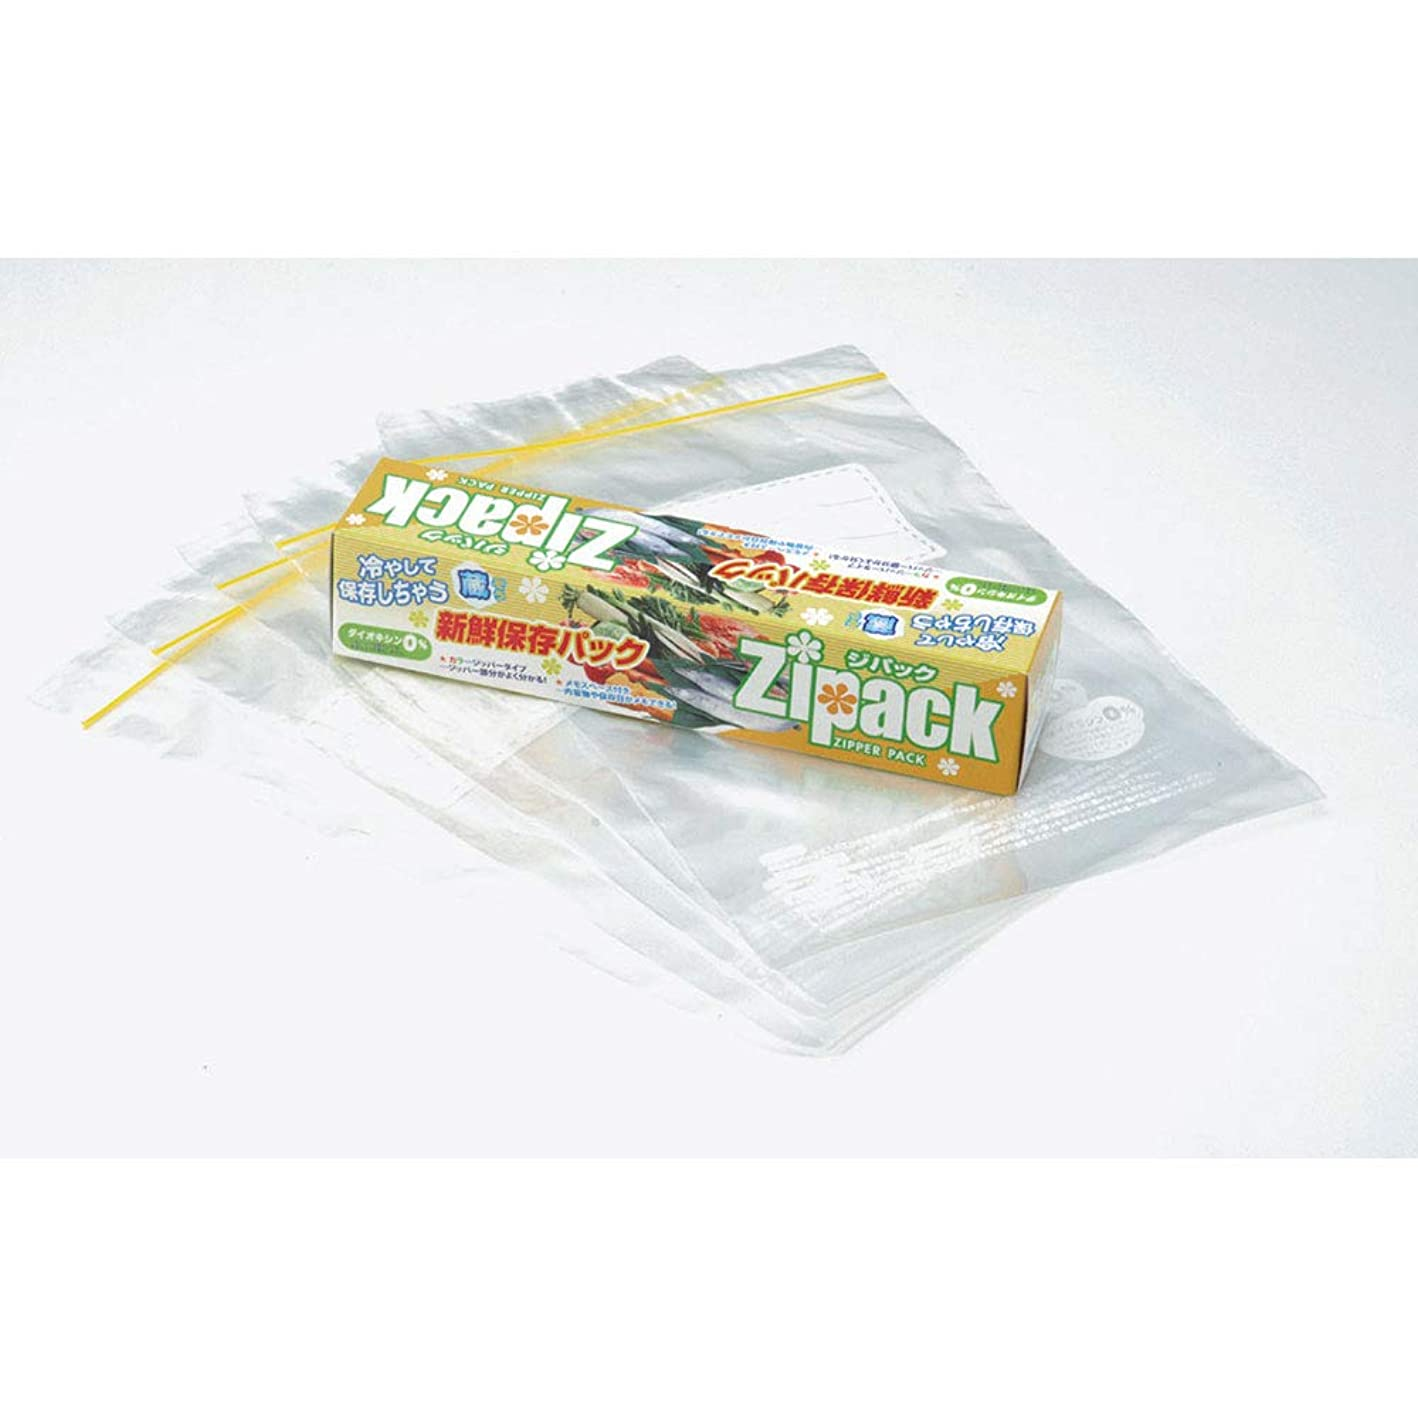 よく話されるゆるく豪華なキッチン雑貨 新鮮保存パック ジパック 5枚BOX